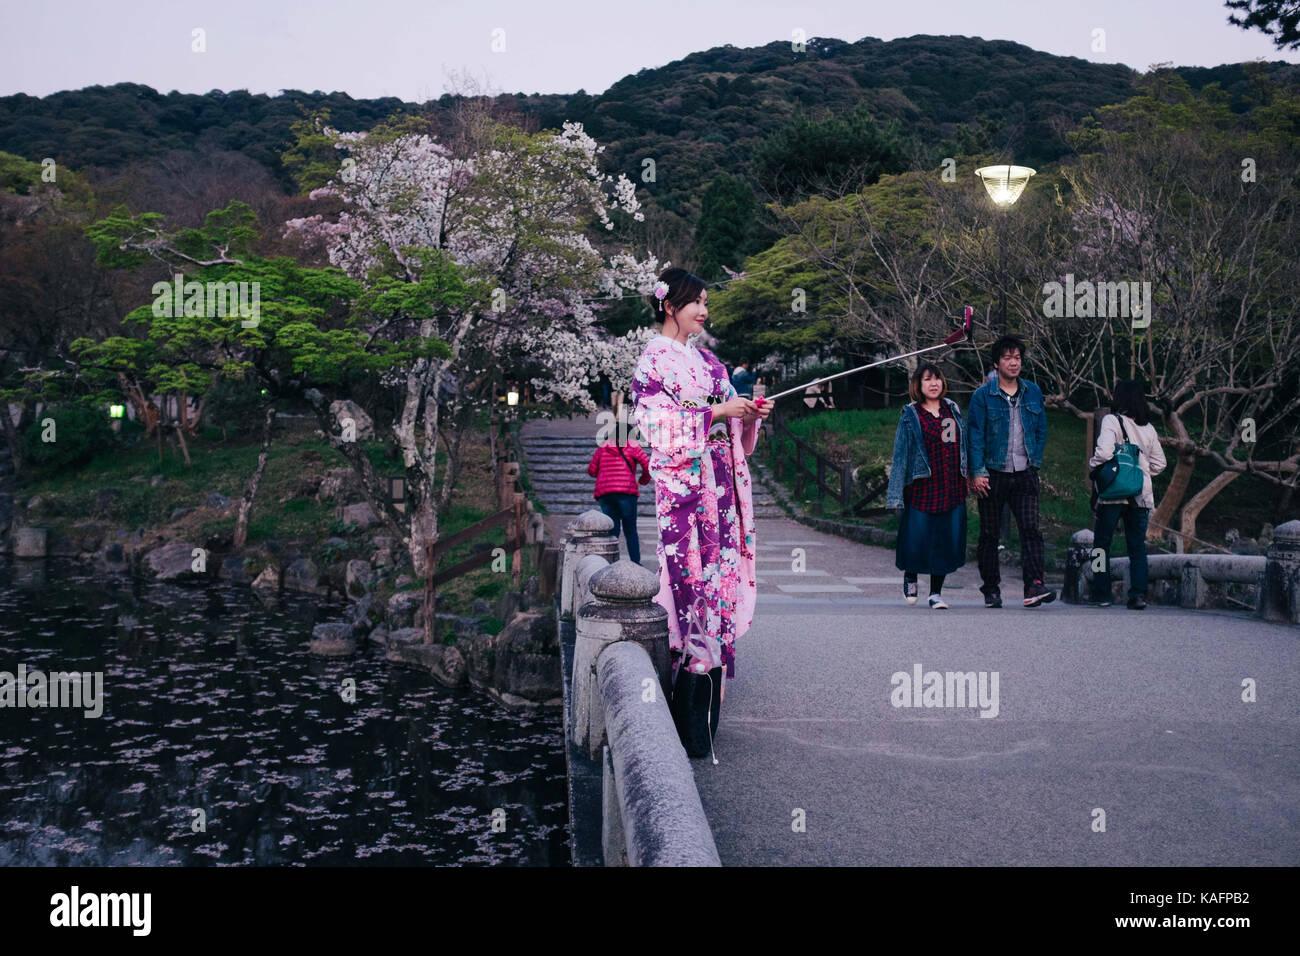 Cada día escena callejera en Japón. Las mujeres japonesas en kimono tradicional haciendo un selfie junto Imagen De Stock